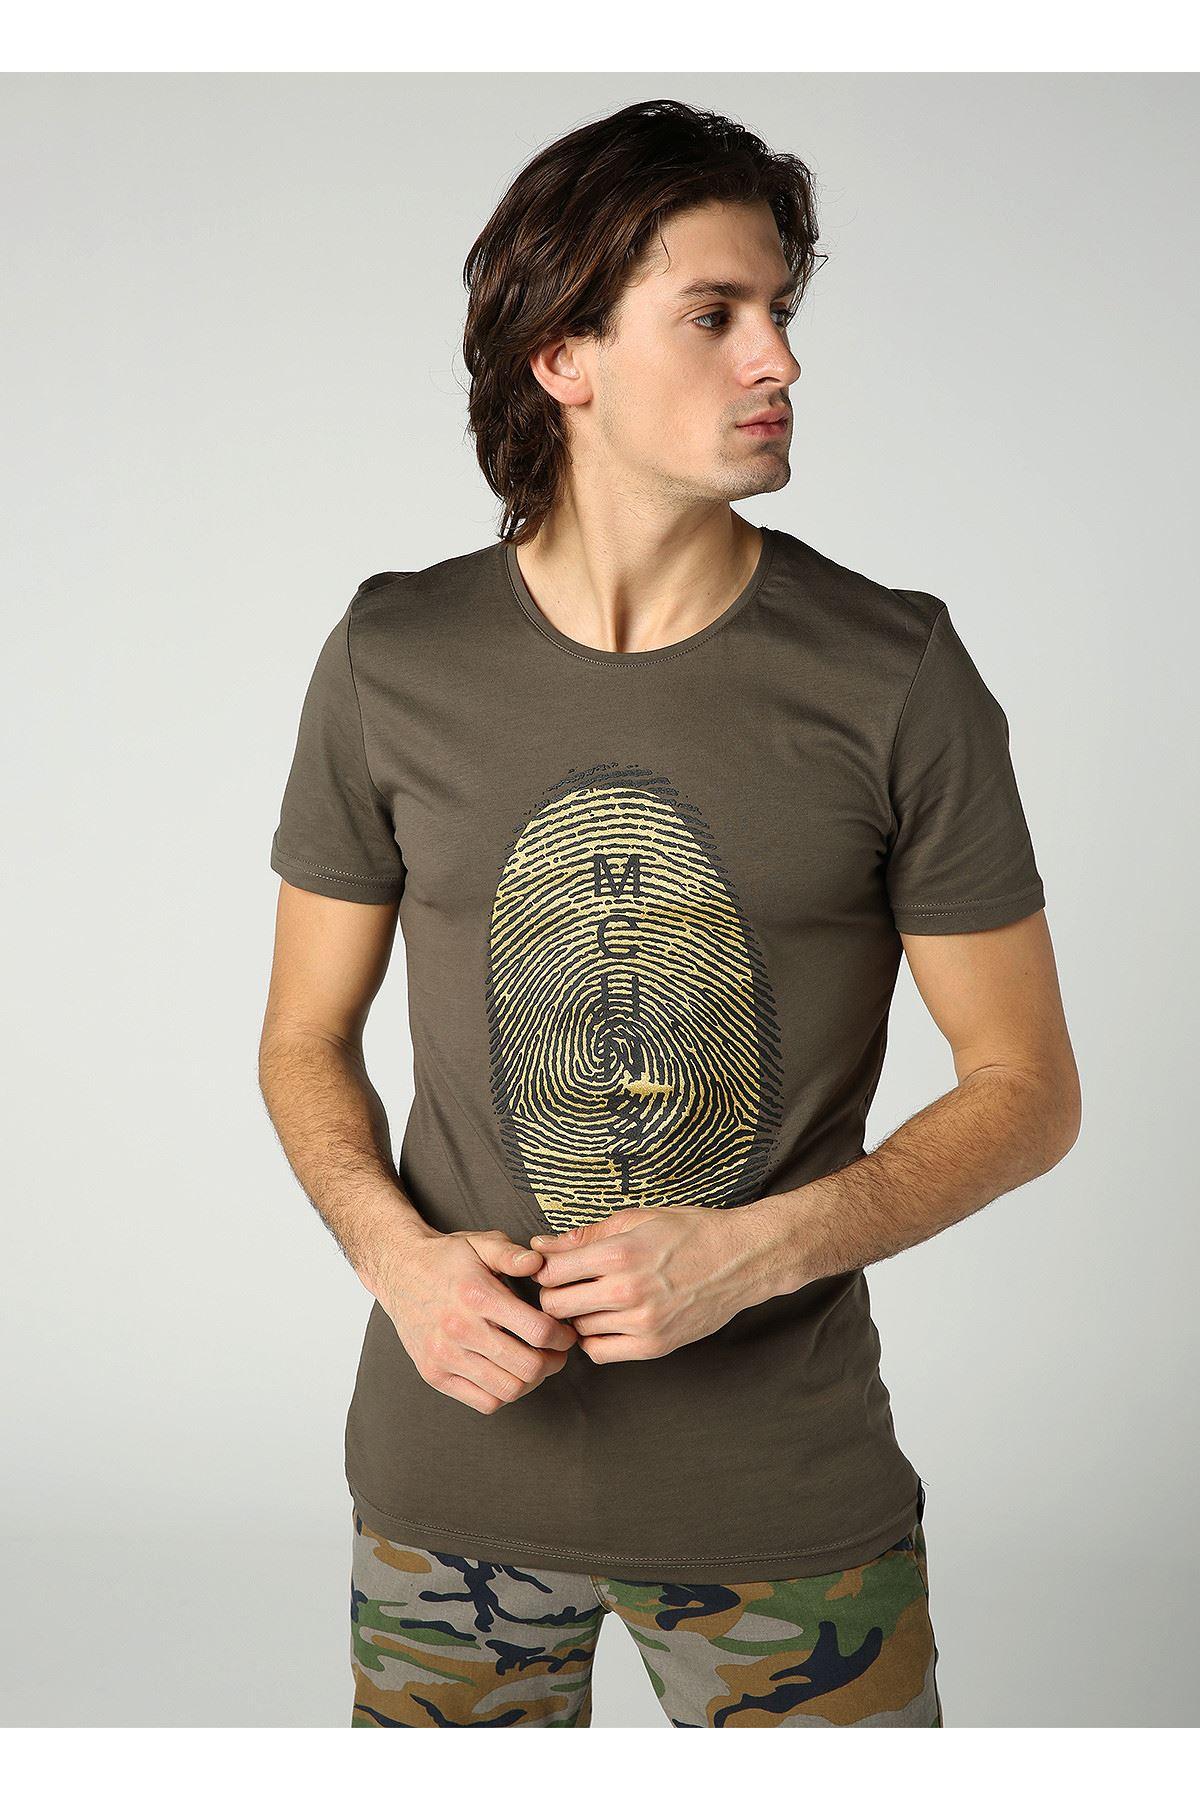 Bisiklet Yaka Parmak İzi Baskılı Erkek Haki T-Shirt